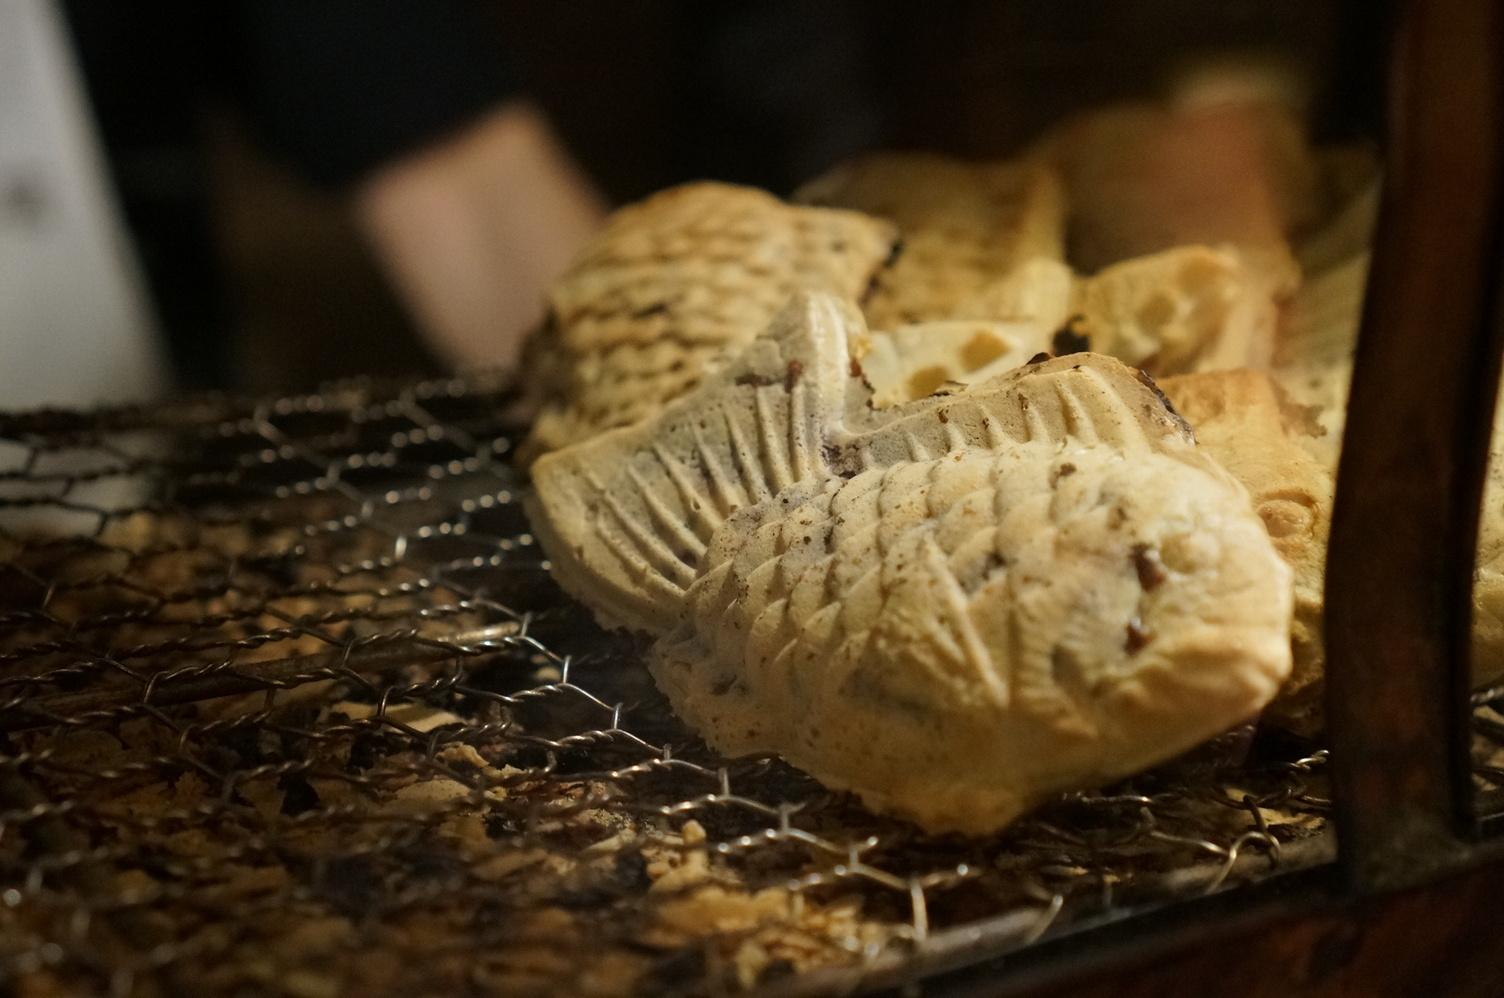 「元祖!東京鯛焼き名店味比べマラニック23km」の画像